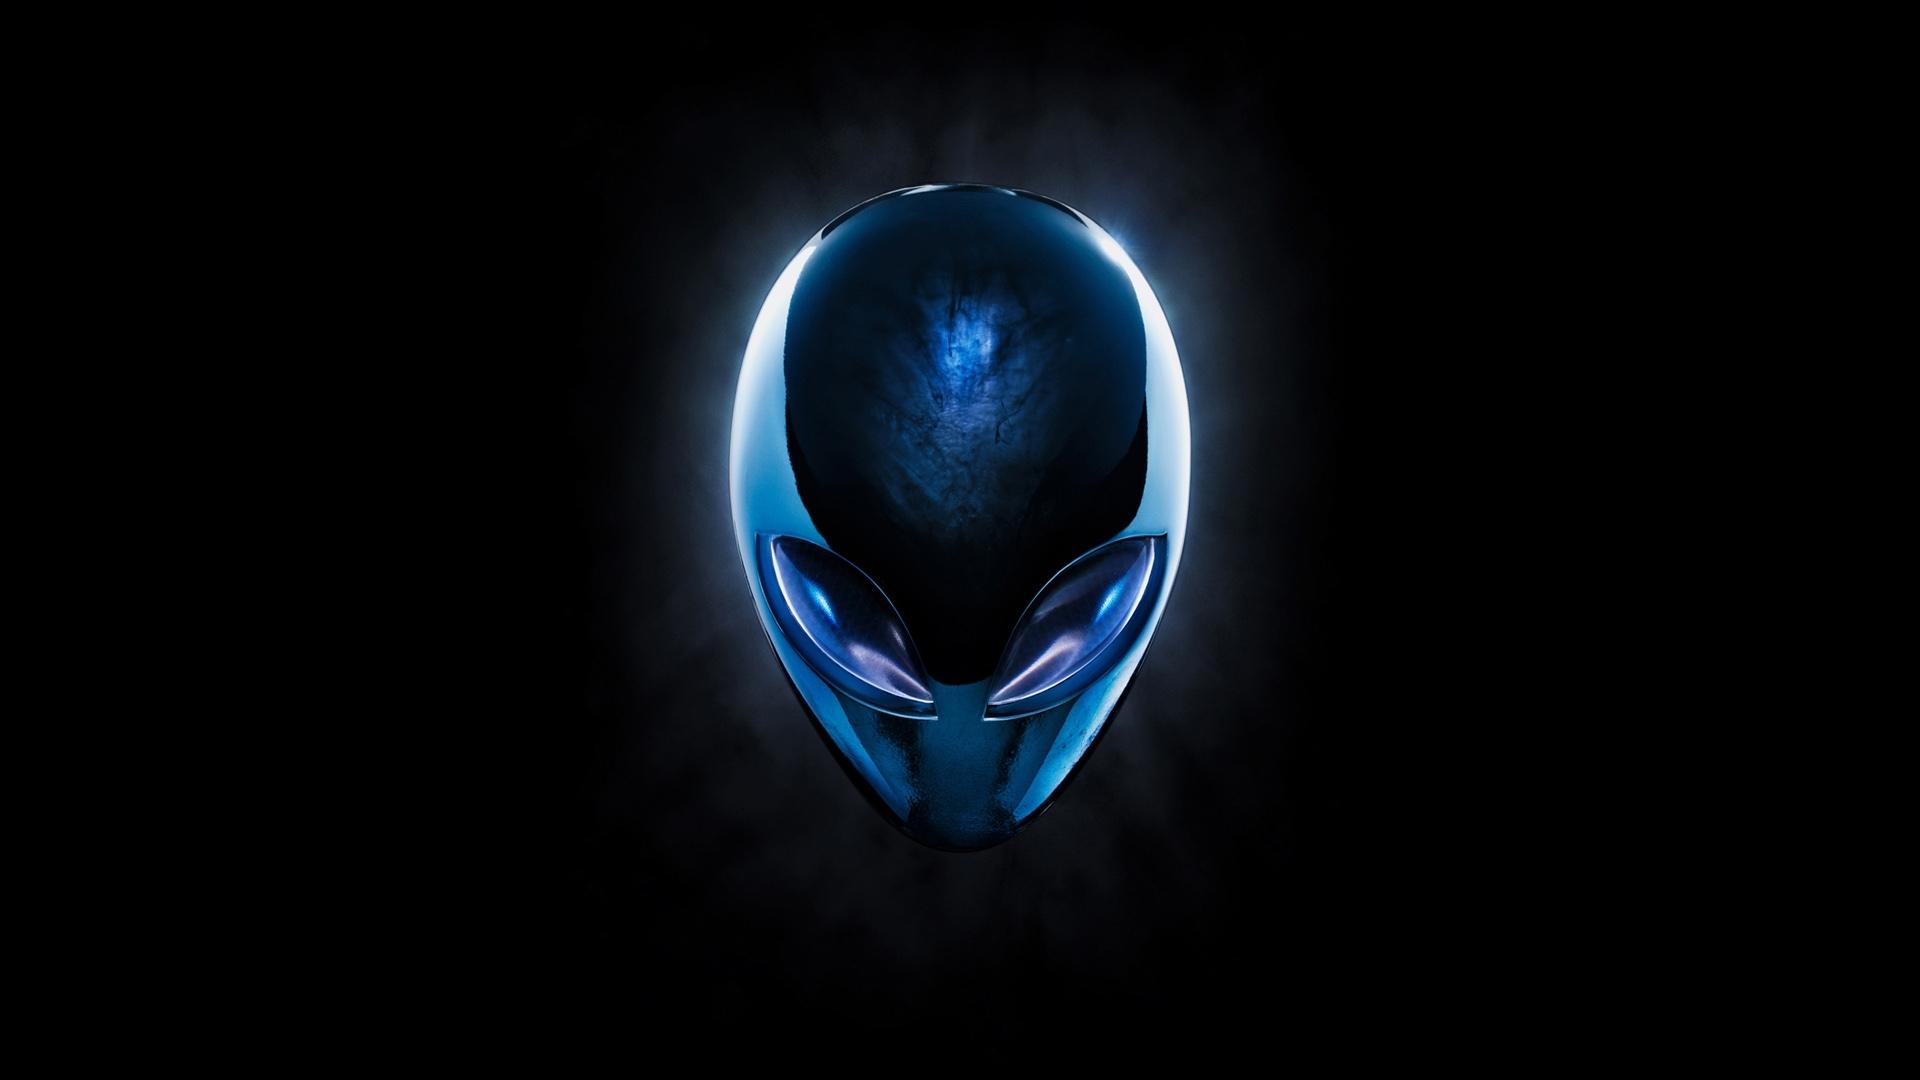 Alienware blue wallpaper for 1920x1080 hdtv 1080p 15 219 jpg 142765 1920x1080